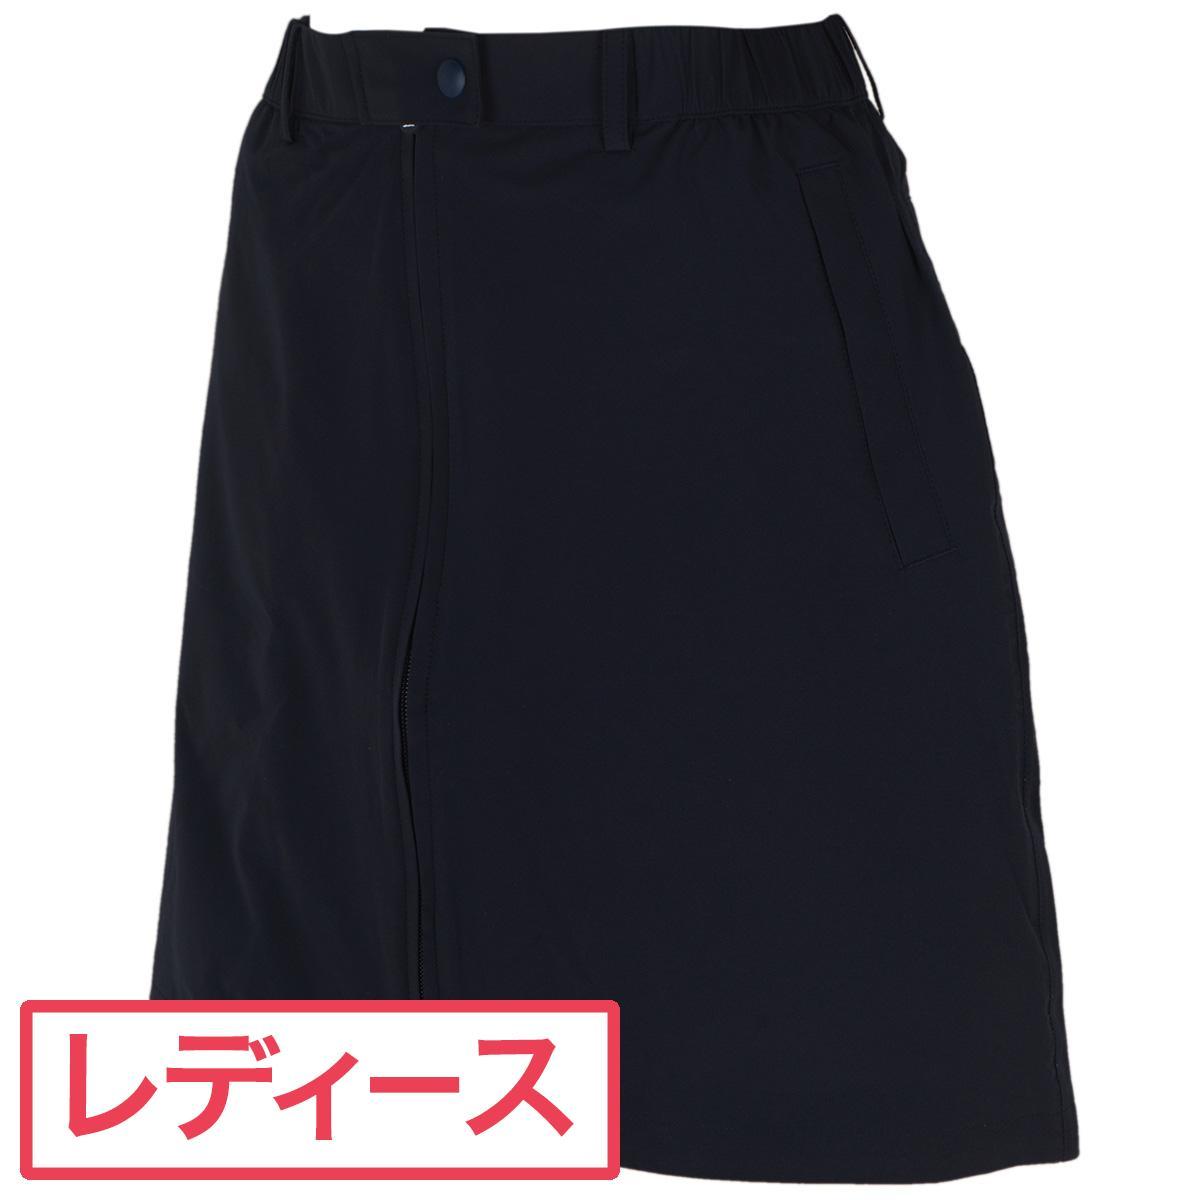 【お盆期間も出荷可】 送料無料 マンシングウェア Munsingwear ストレッチ ツイルレインスカート レディス